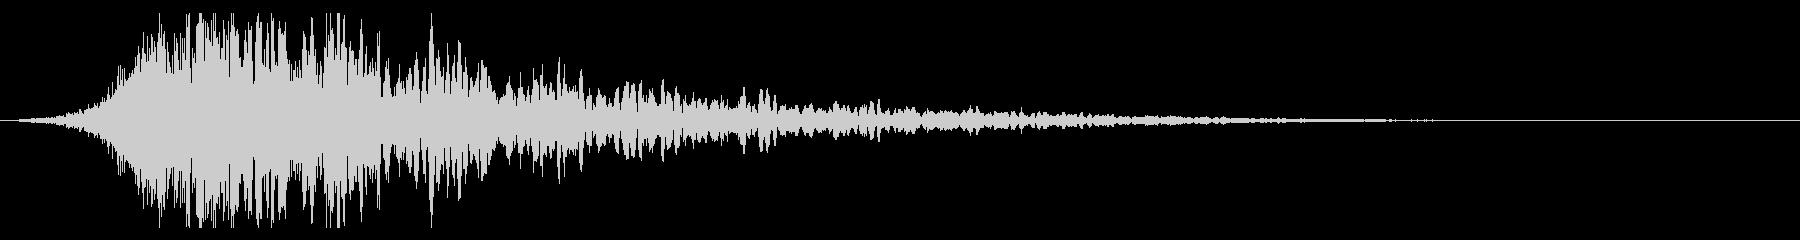 シュードーン-39-1(インパクト音)の未再生の波形